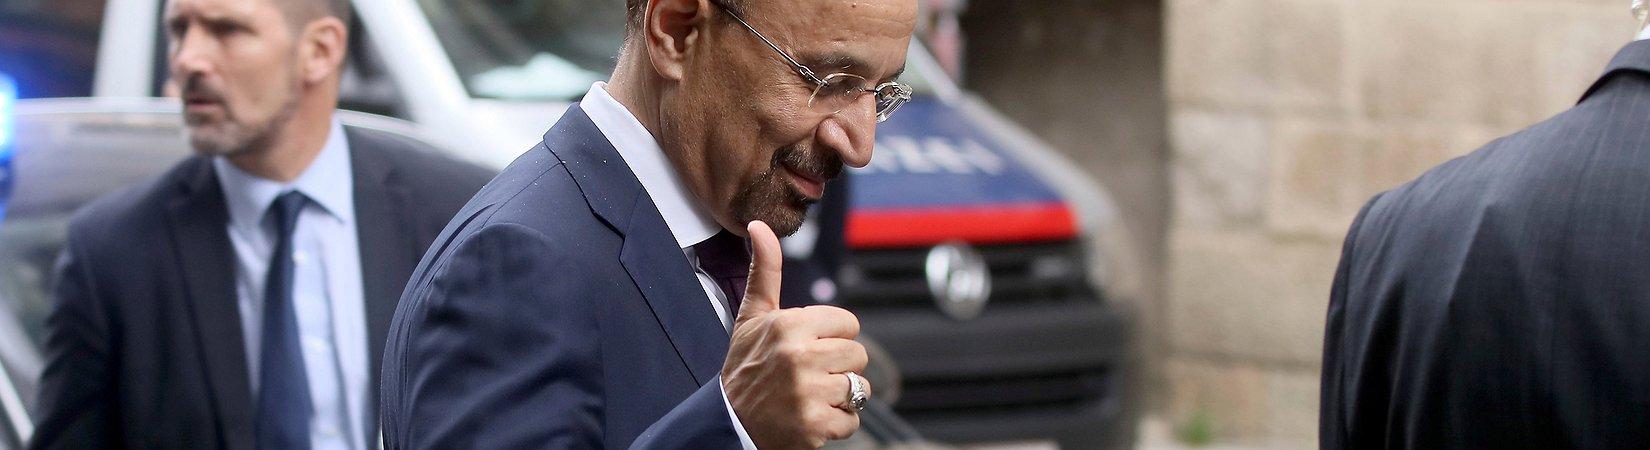 ОПЕК продлила действие пакта об ограничении добычи на 9 месяцев